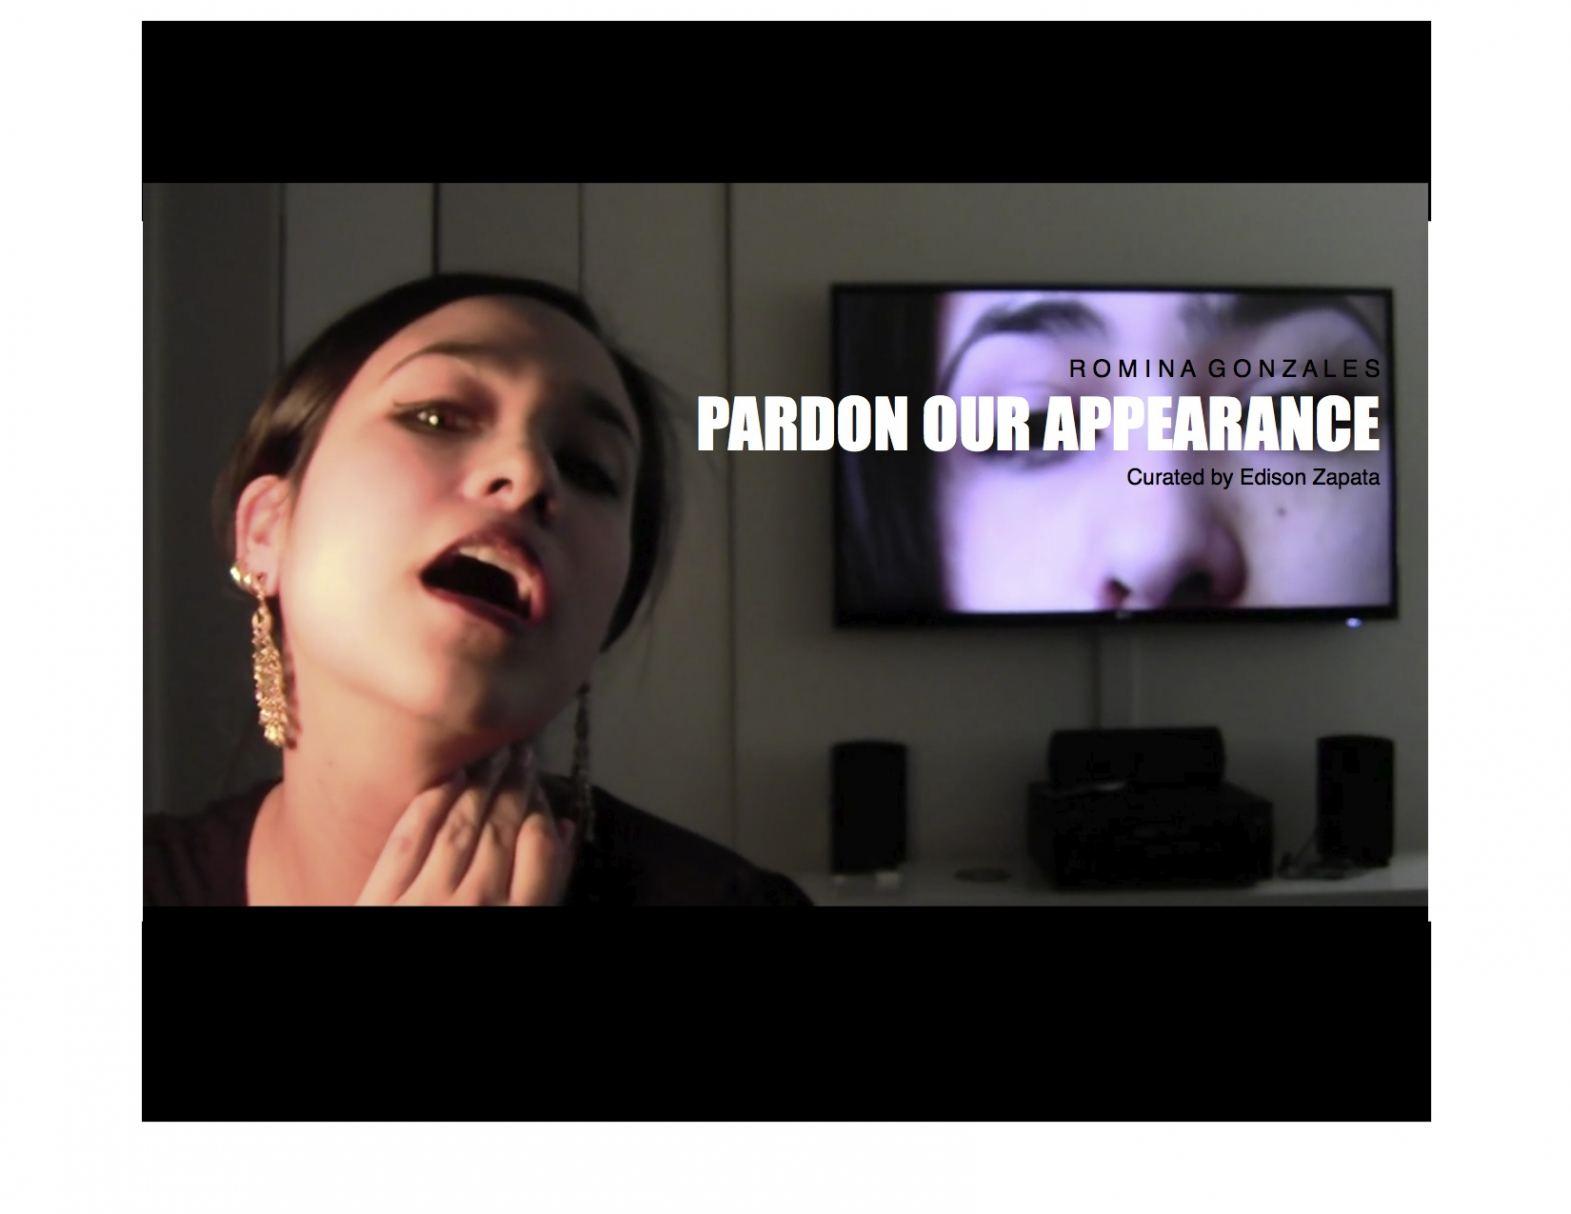 PARDON OUR APPEARANCE